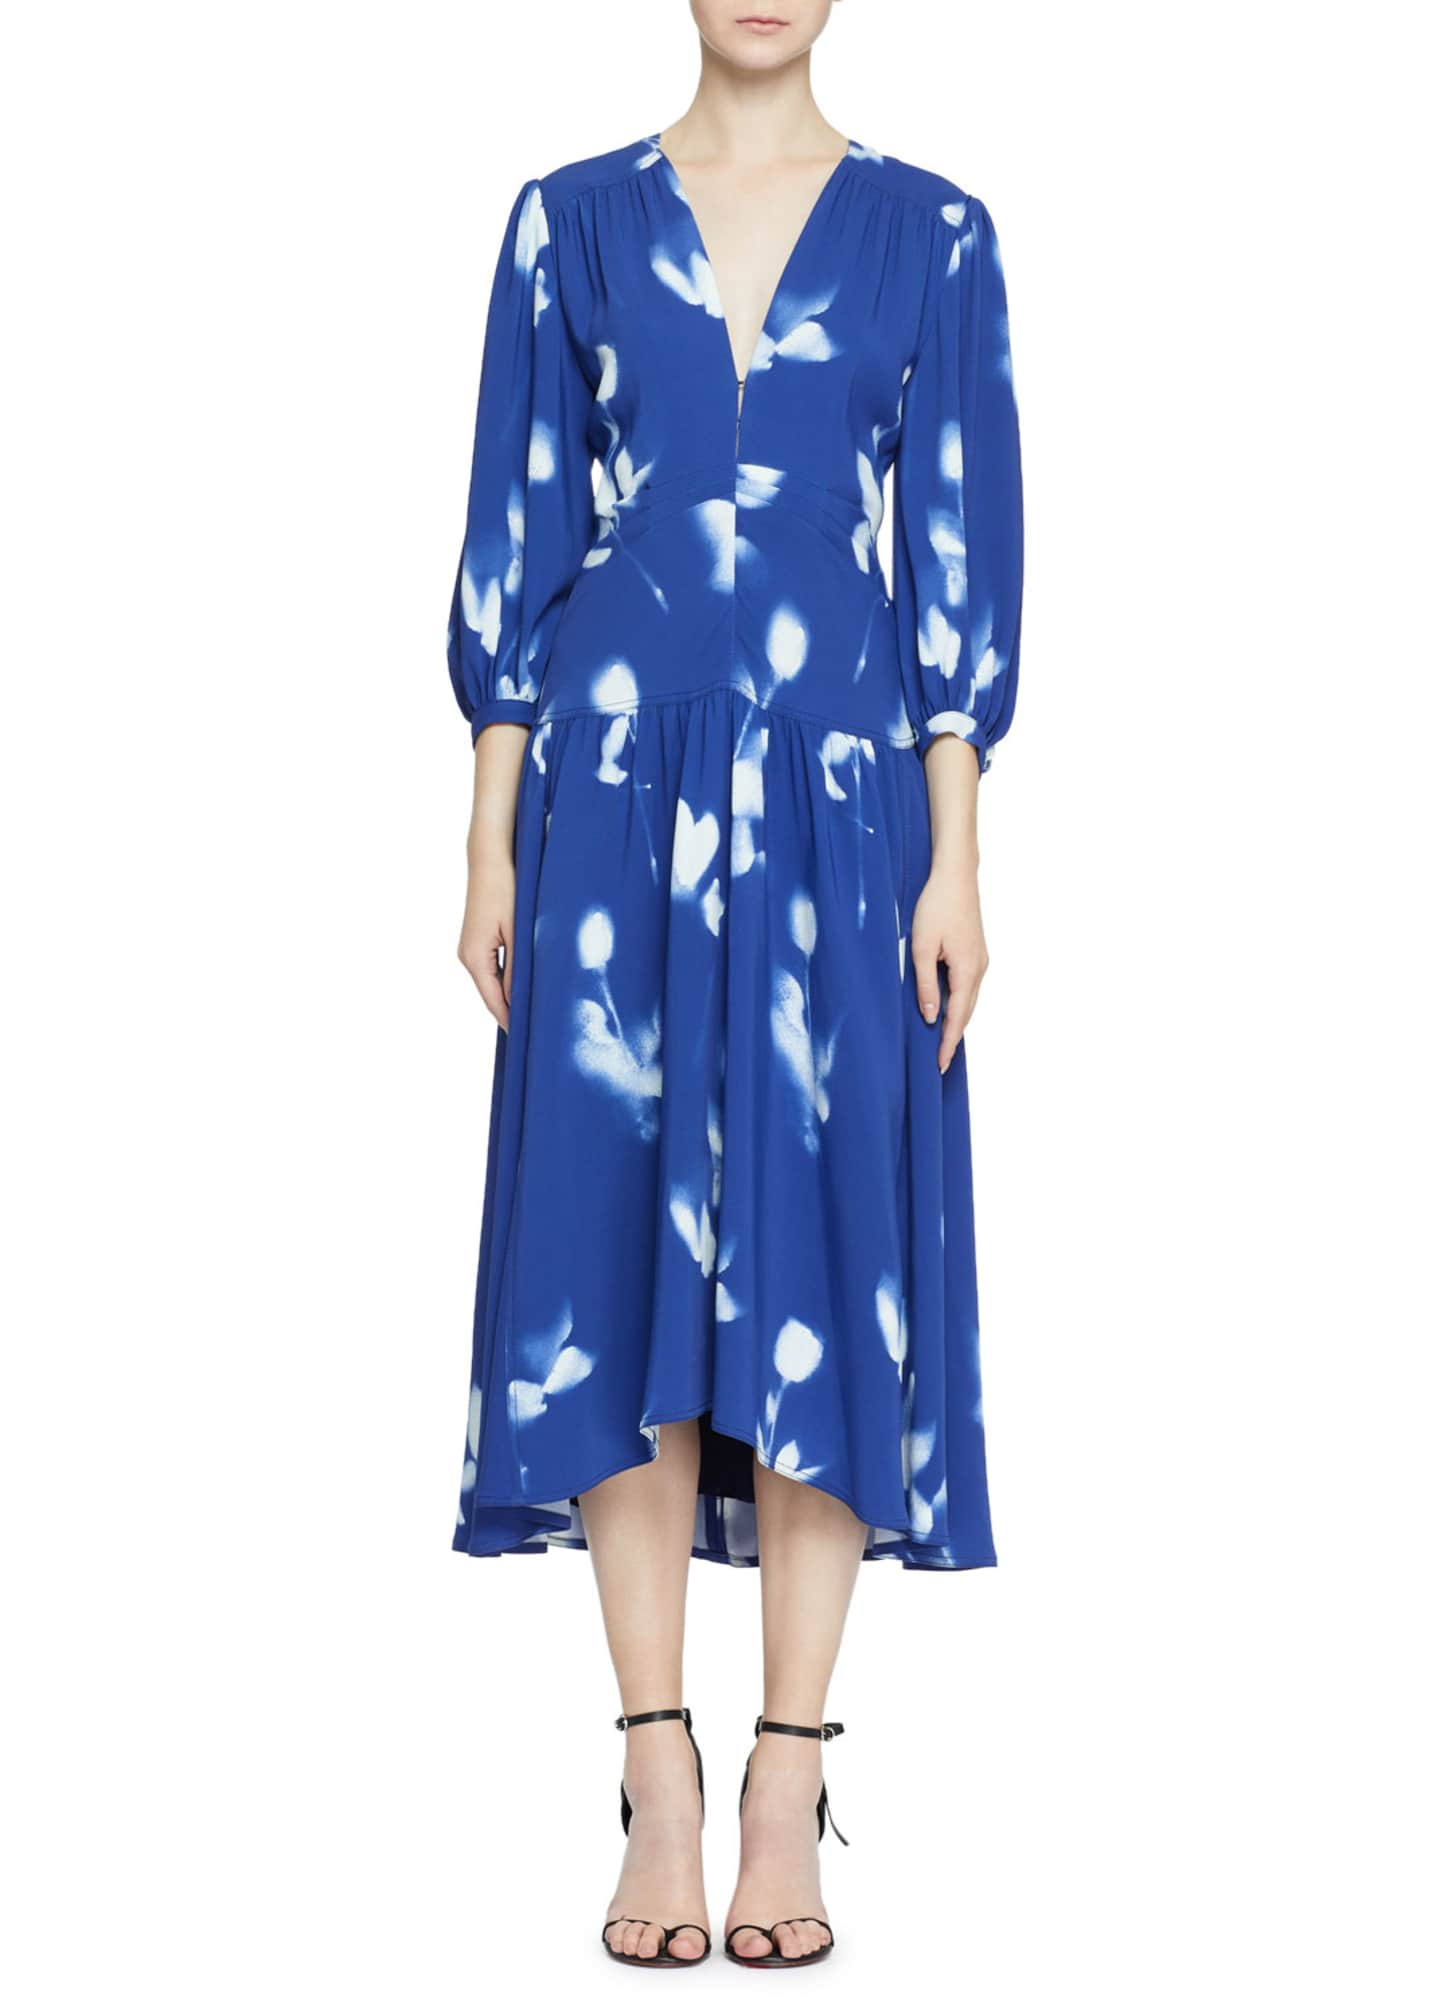 Proenza Schouler 3/4-Sleeve Tie-Dye Cady Dress